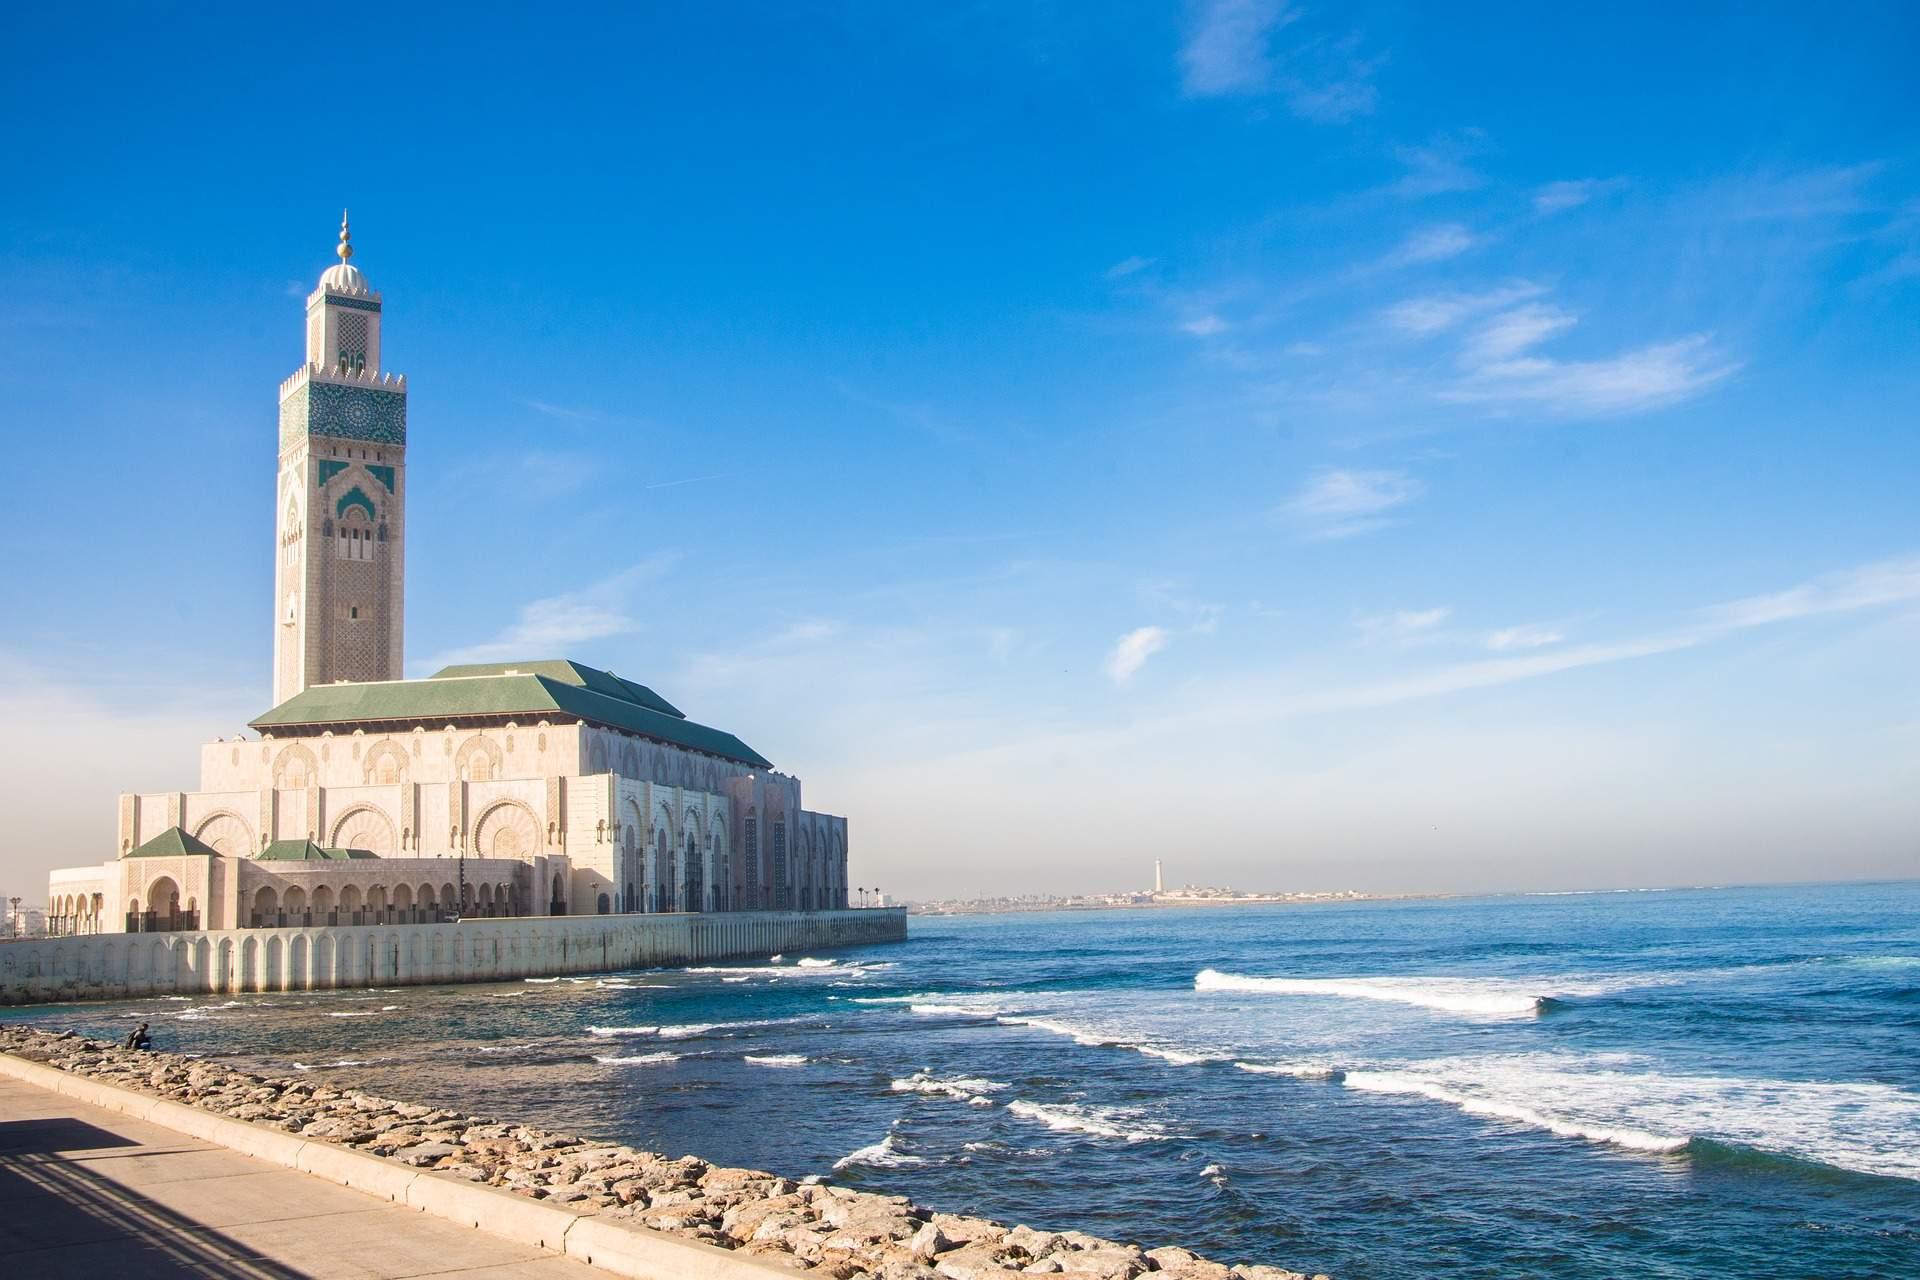 nao-e-caro-viajar-marrocos-casablanca-4 (1)